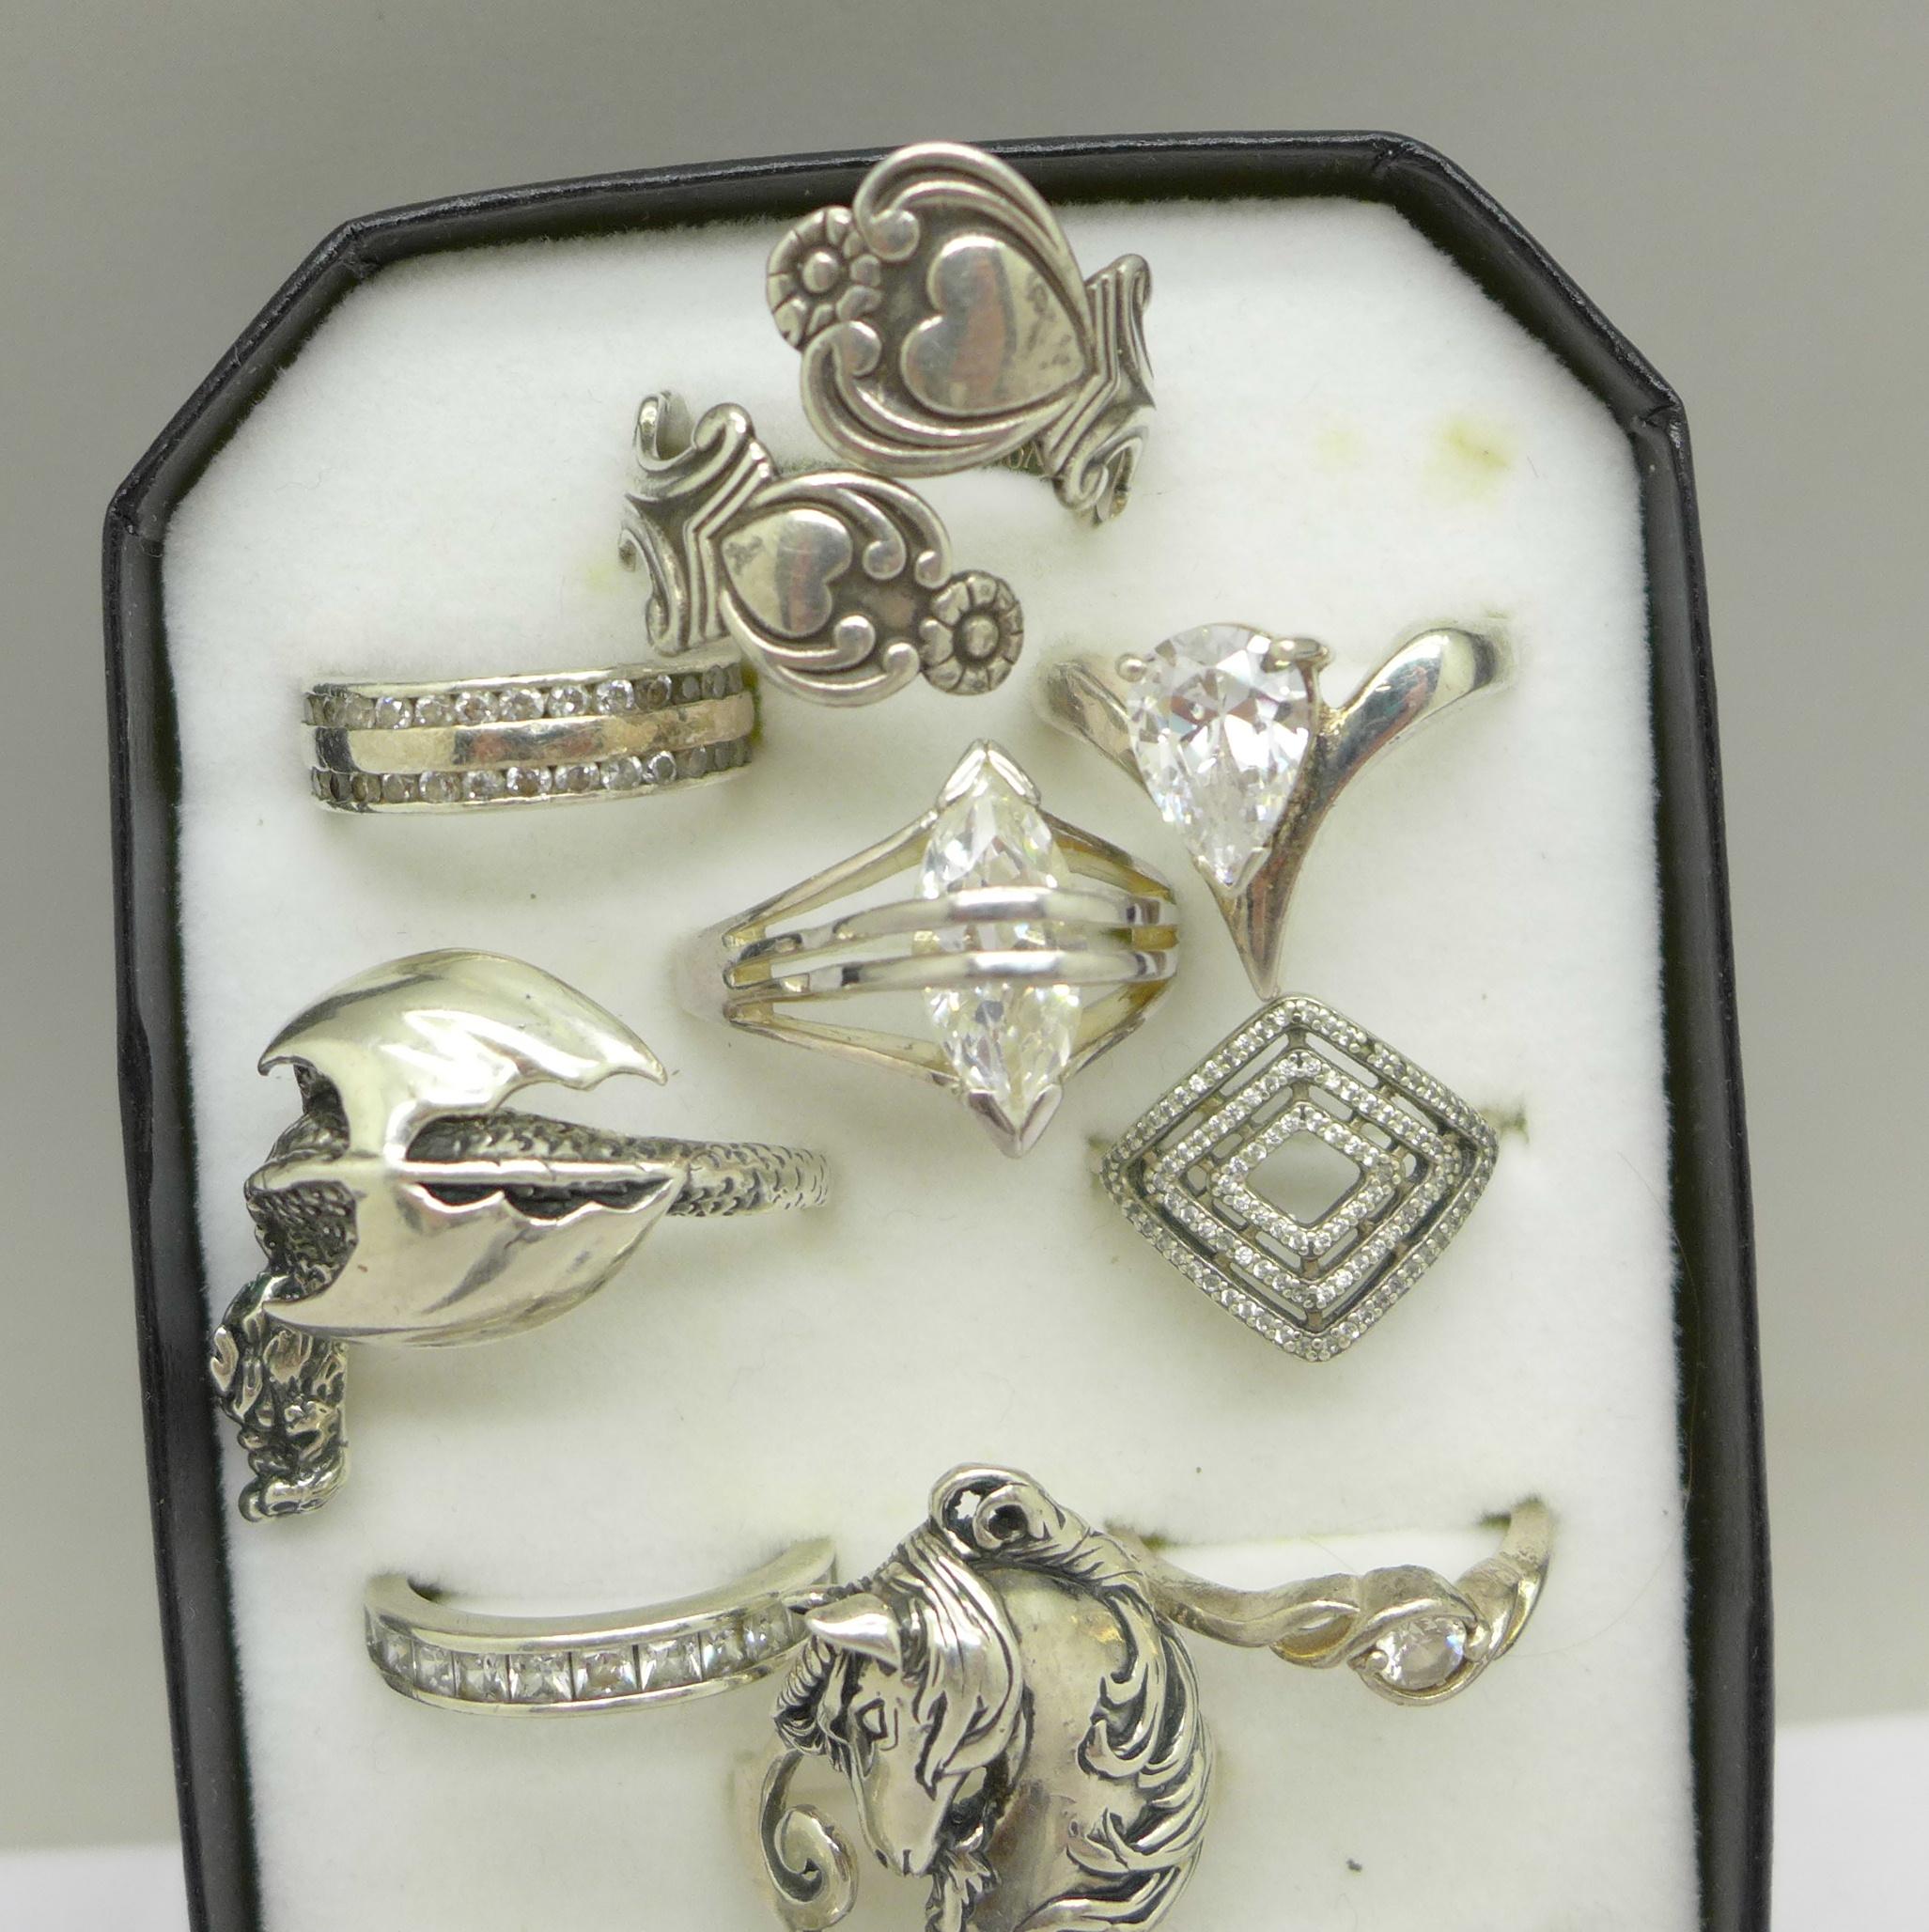 Twelve silver rings - Image 3 of 3